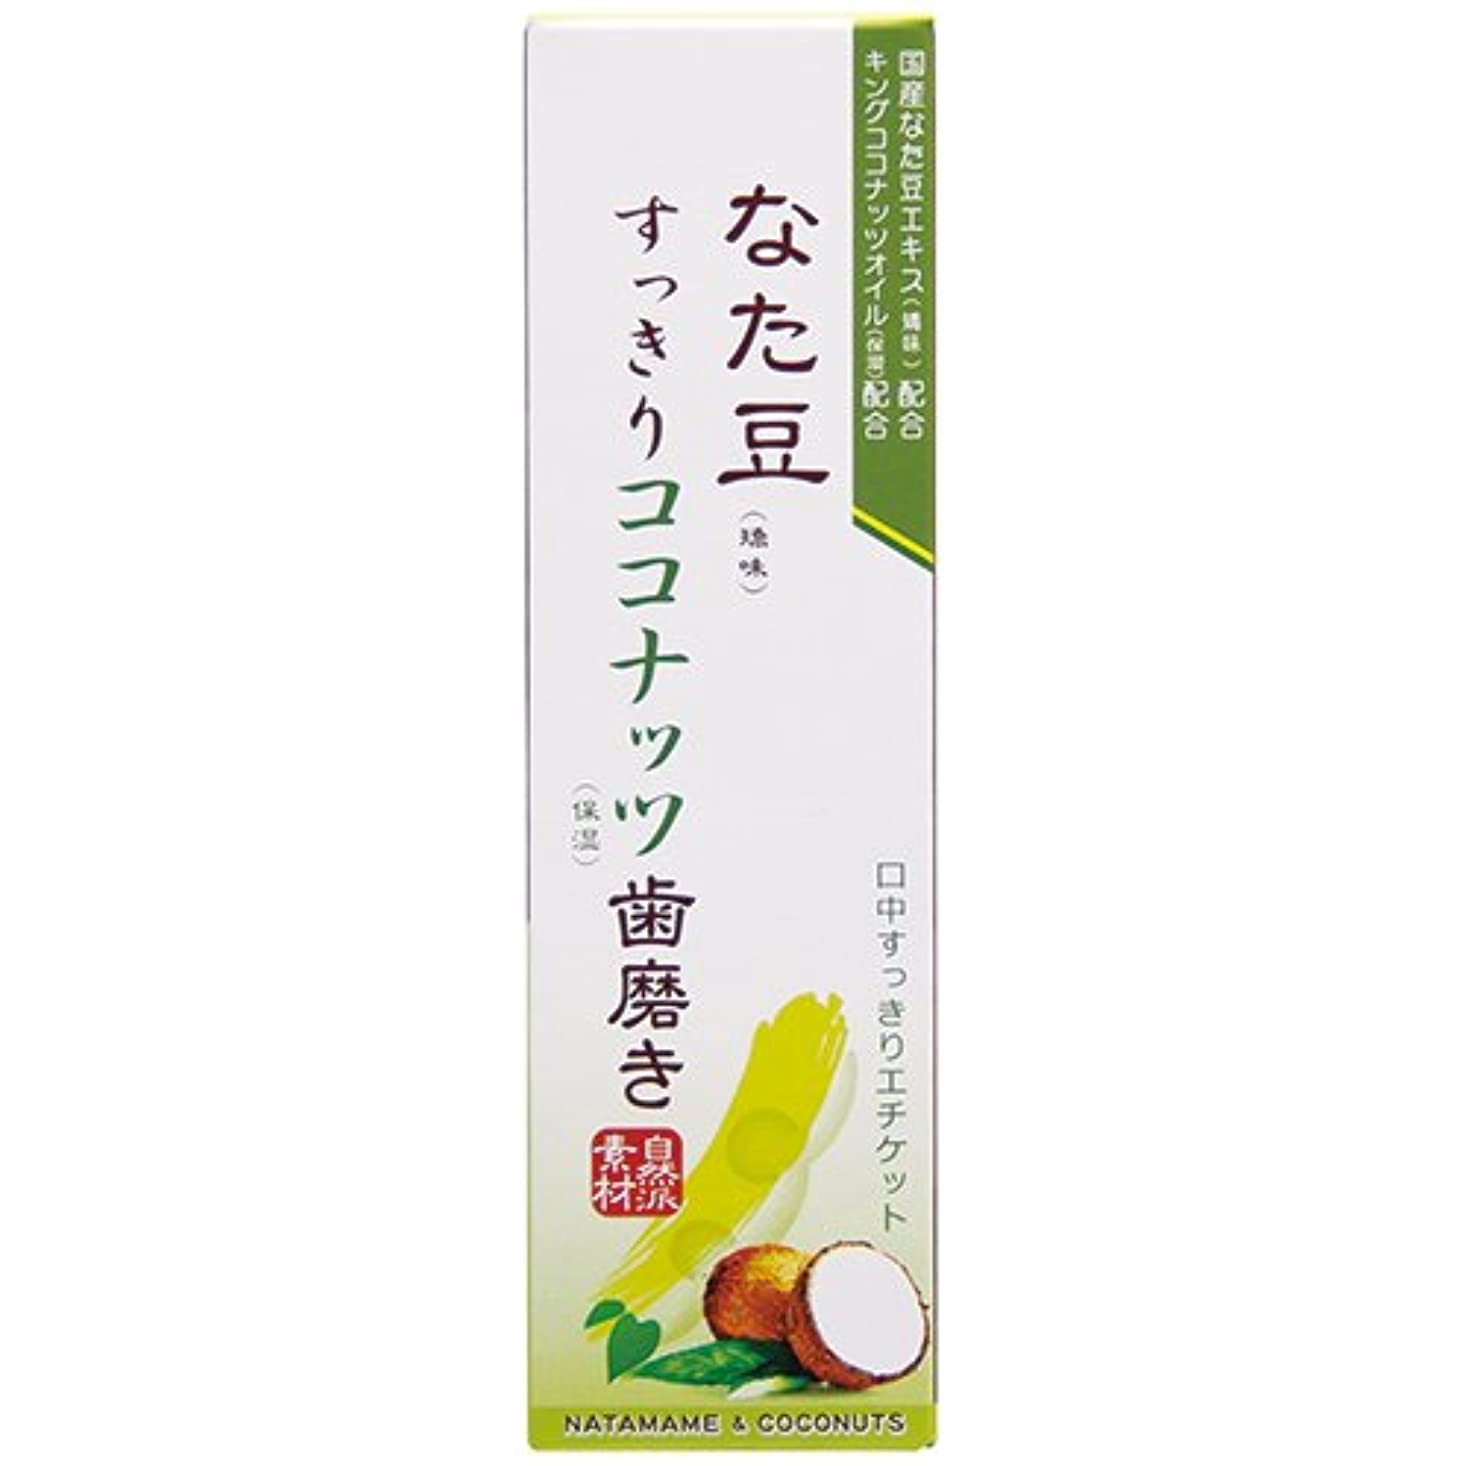 クロールピル四回なた豆すっきりココナッツ歯磨き粉 120g